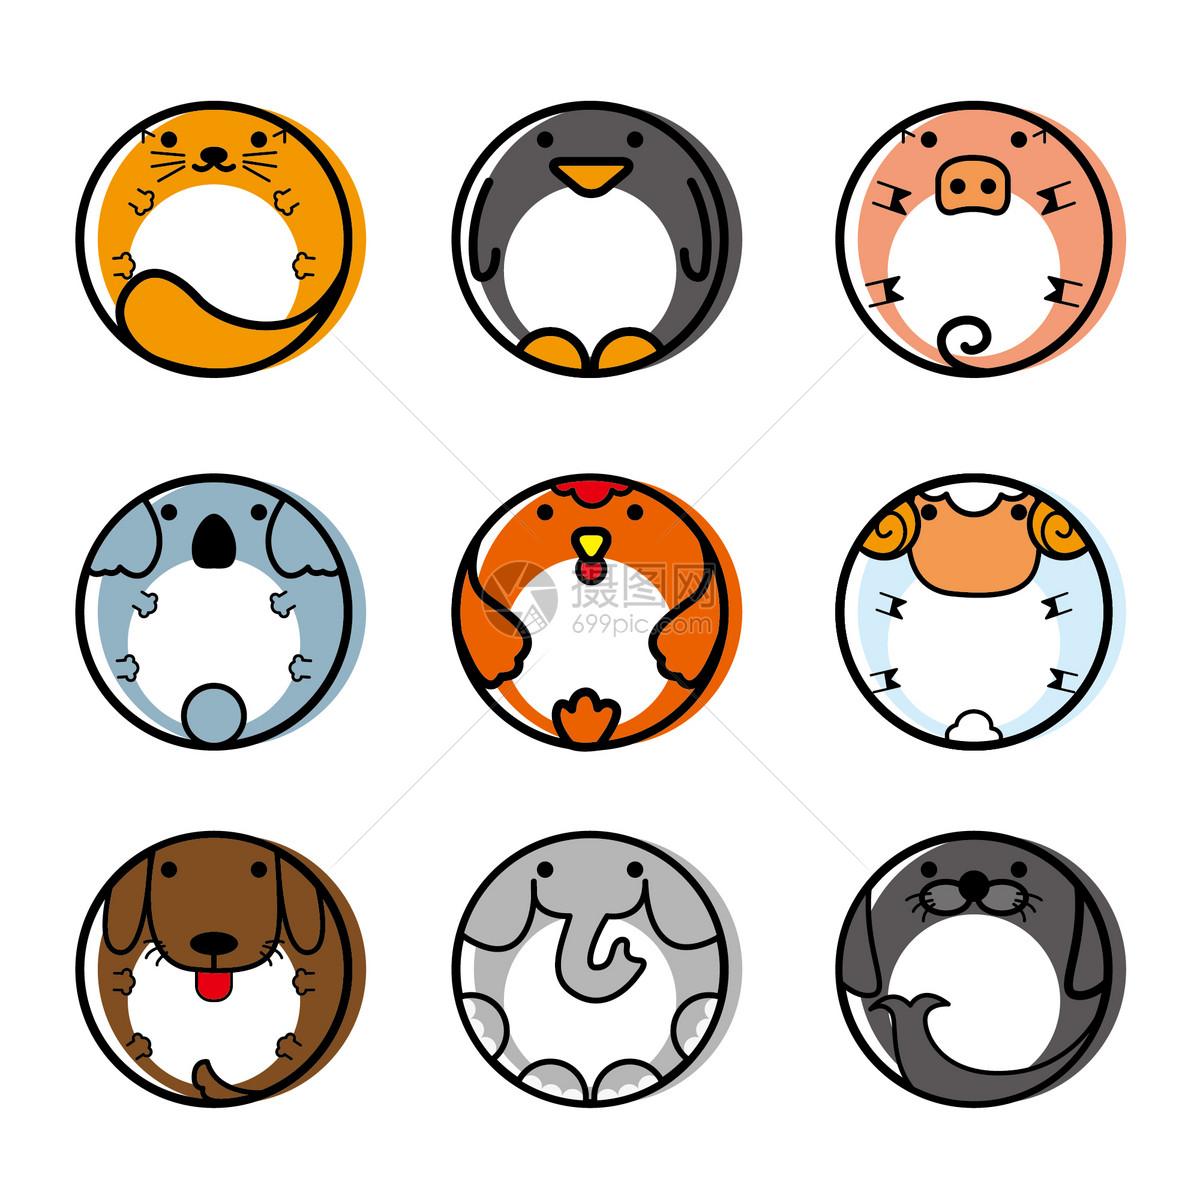 圆圆的动物图标mbe